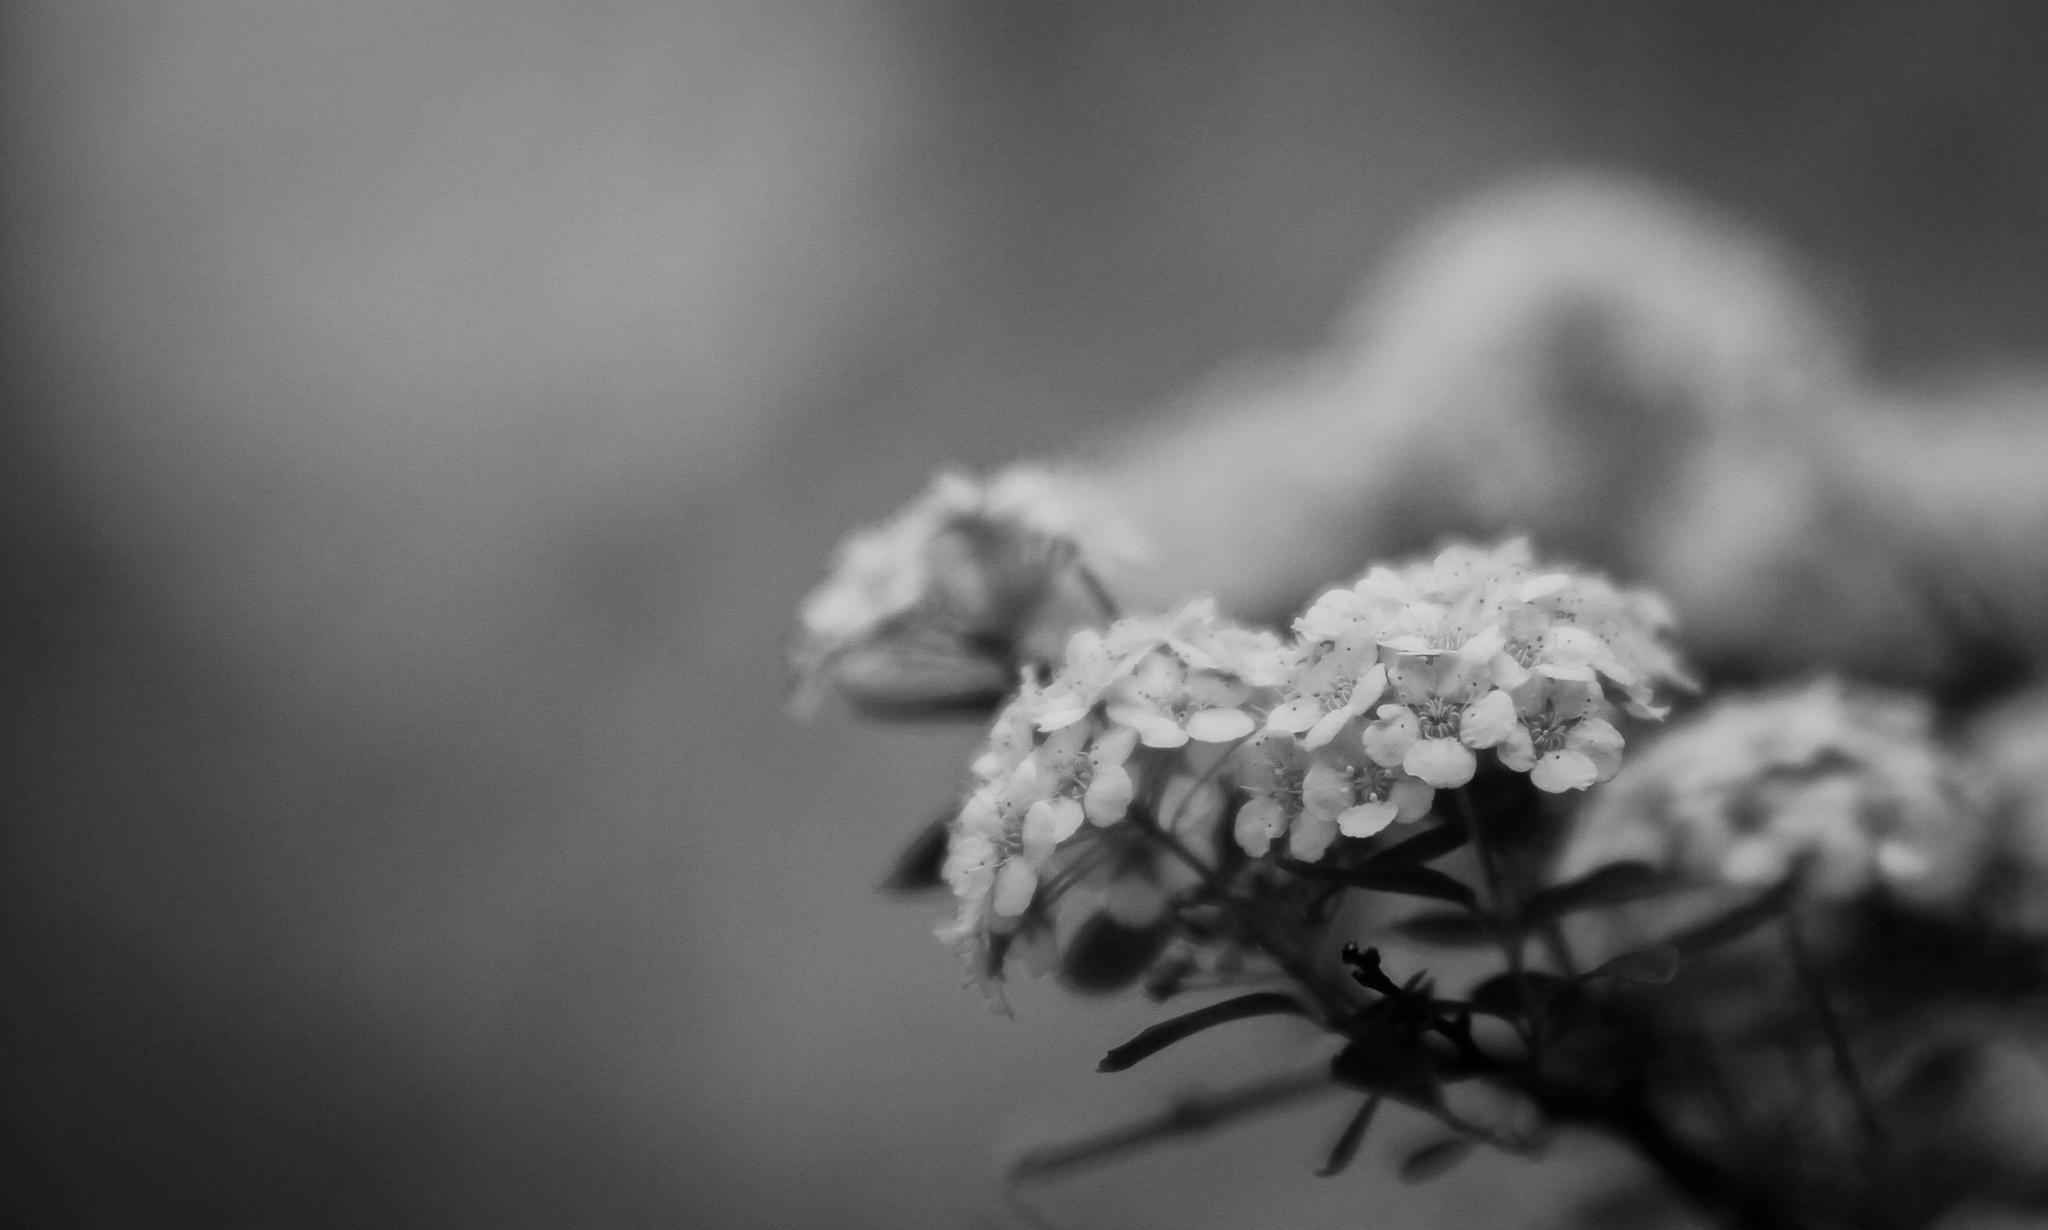 Little bones by Matthew Barton